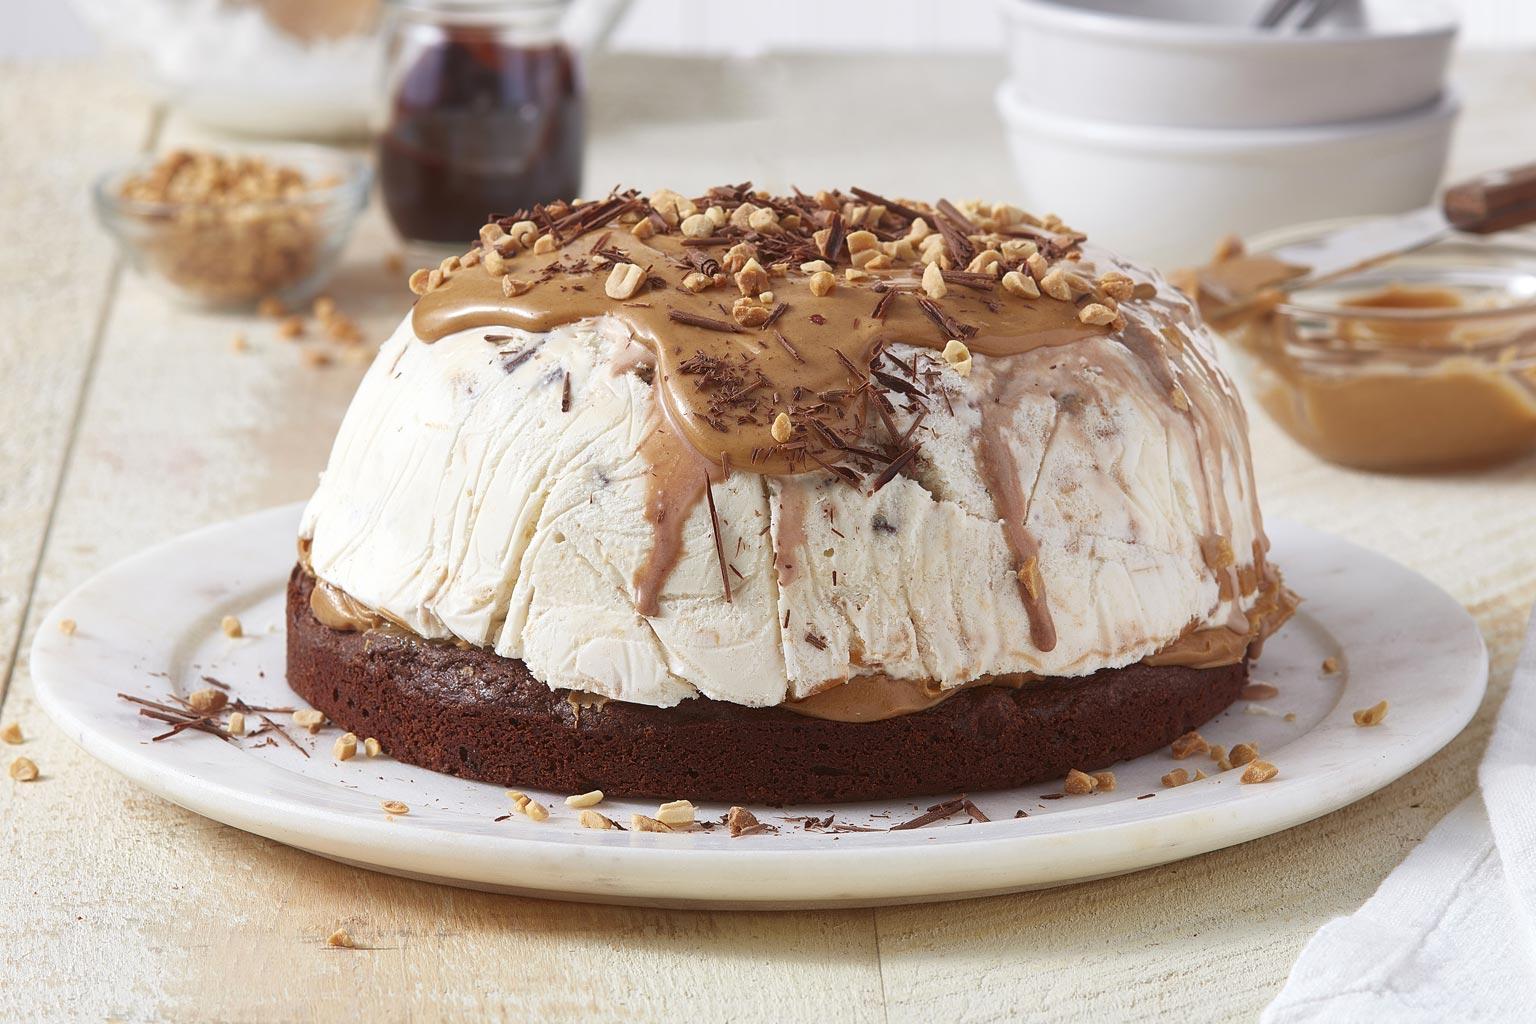 Voir la recette - Bombe glacée au beurre d'arachide et au chocolat